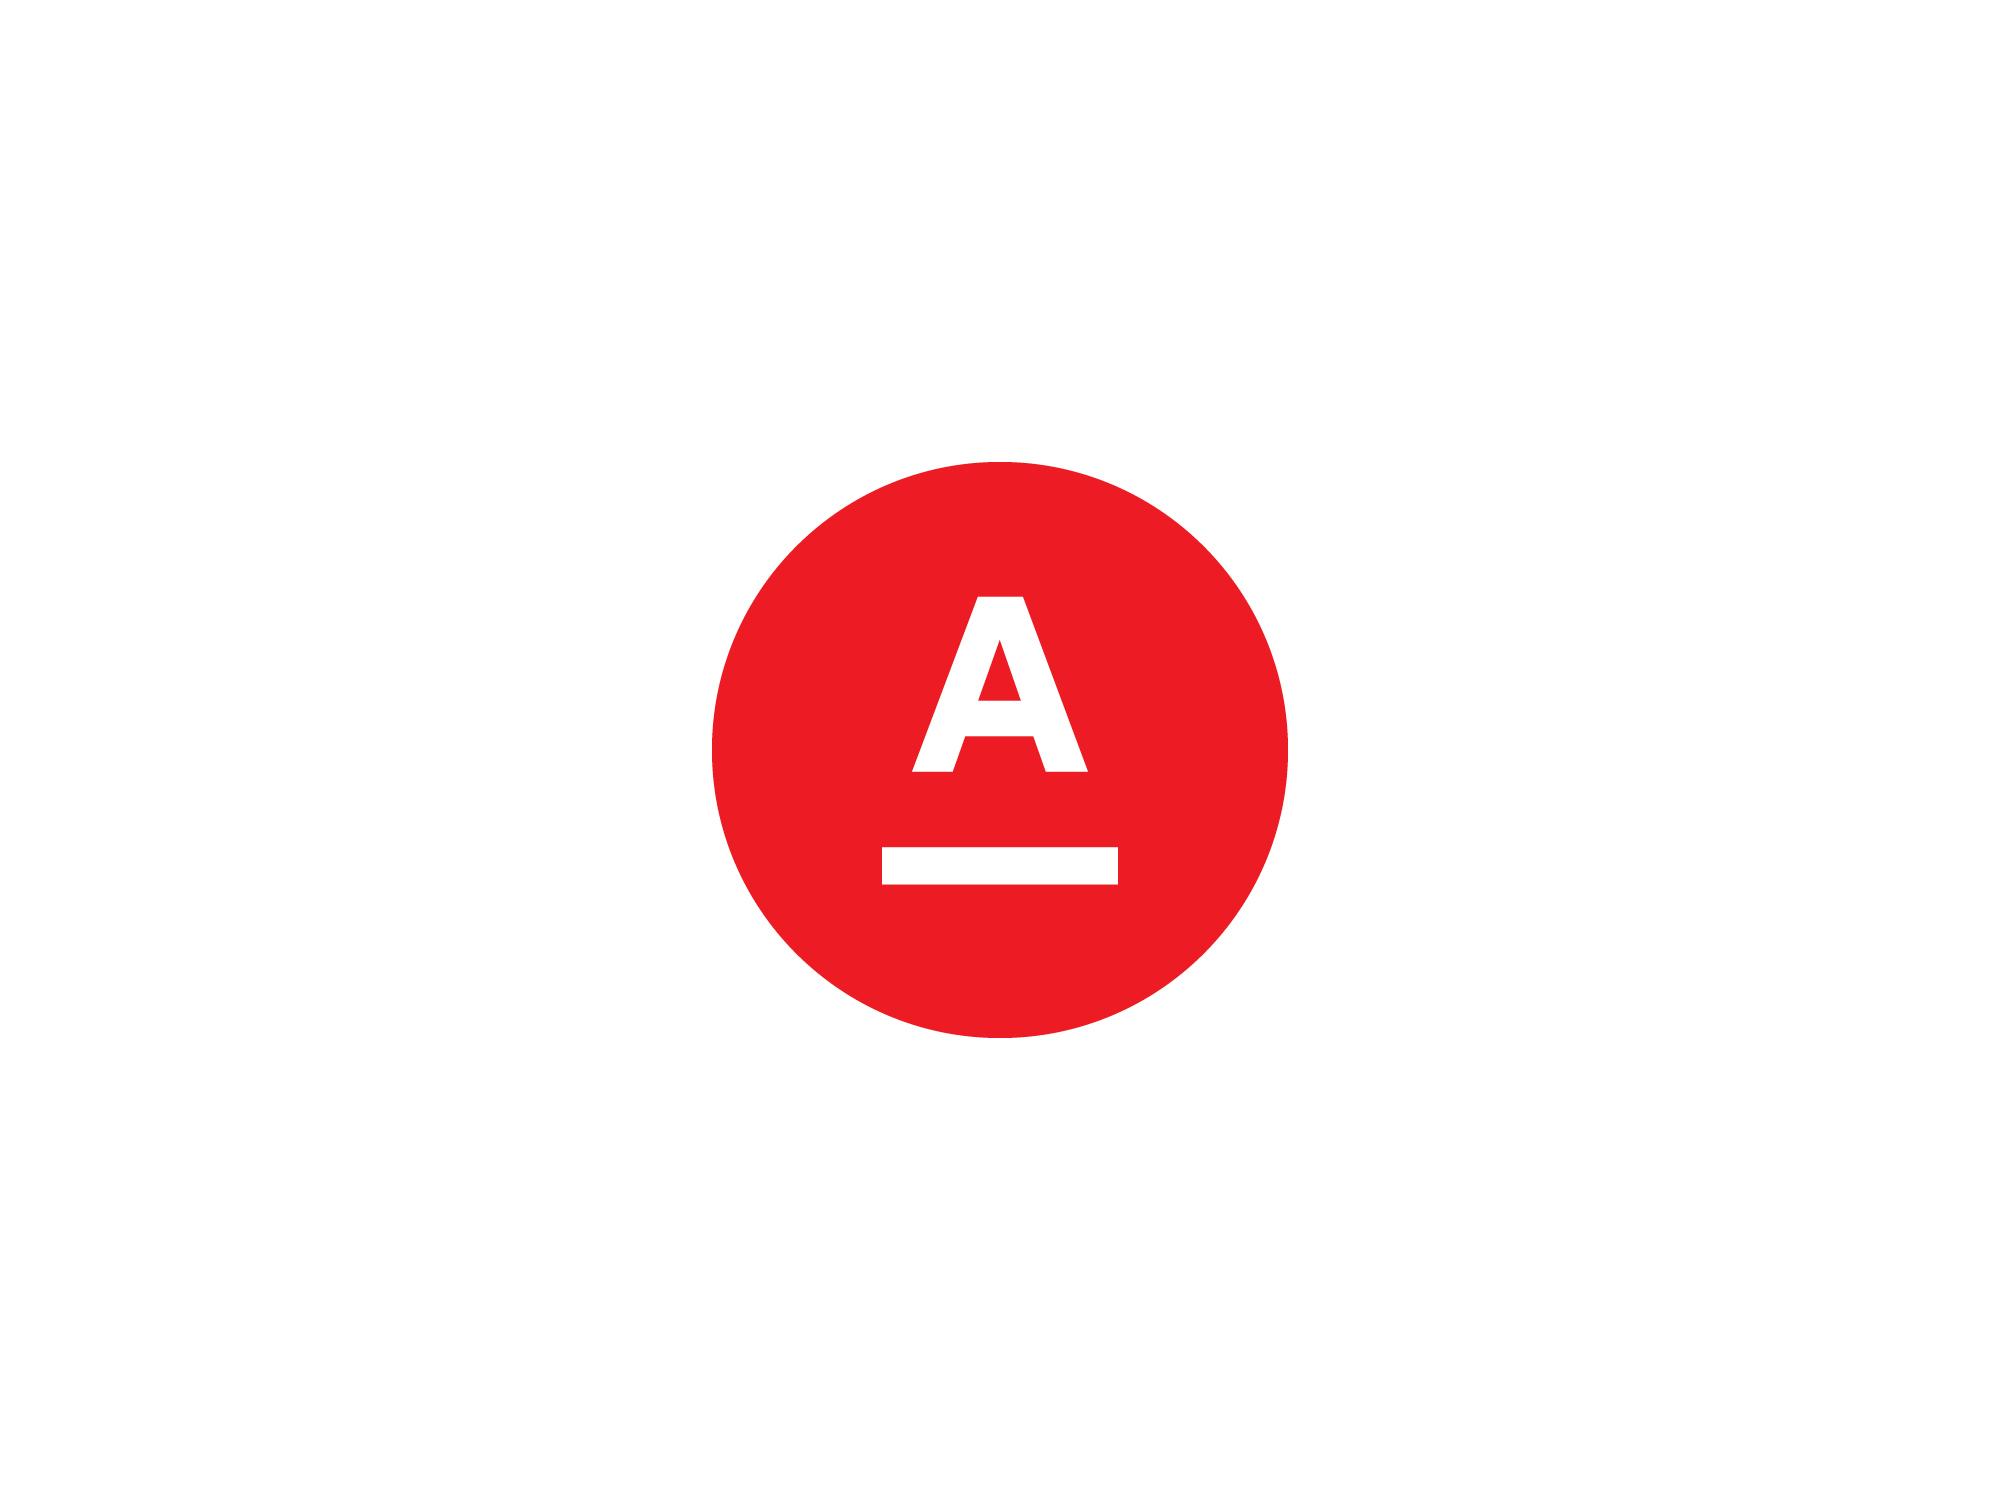 как альфа банк лого картинки роль железнодорожного